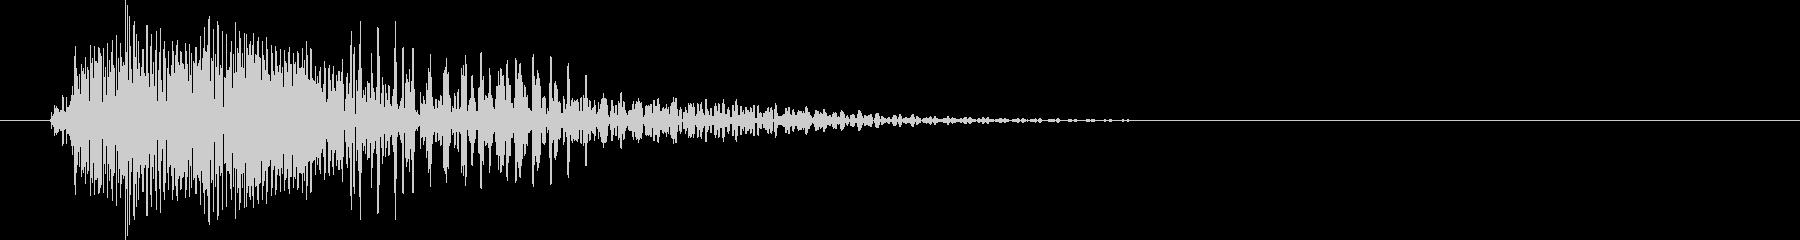 ピコン(カーソル移動音・決定音)の未再生の波形